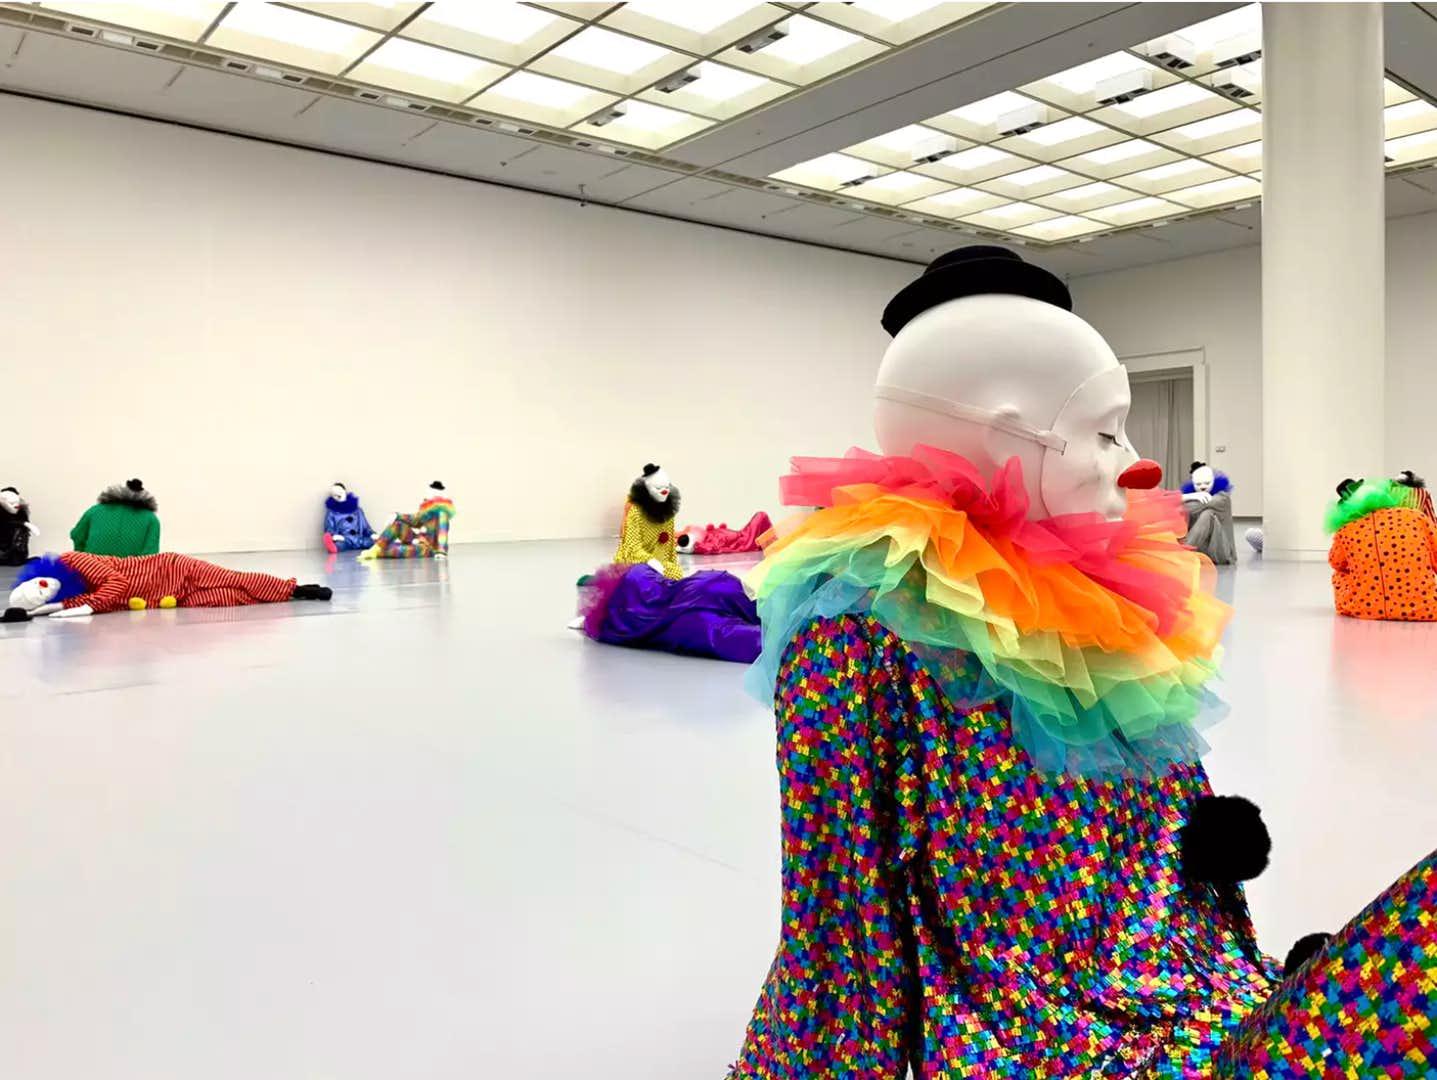 ウーゴ・ロンディノーネら新たに9作家が展示中止を要求。あいちトリエンナーレ2019で混乱続く|MAGAZINE | 美術手帖